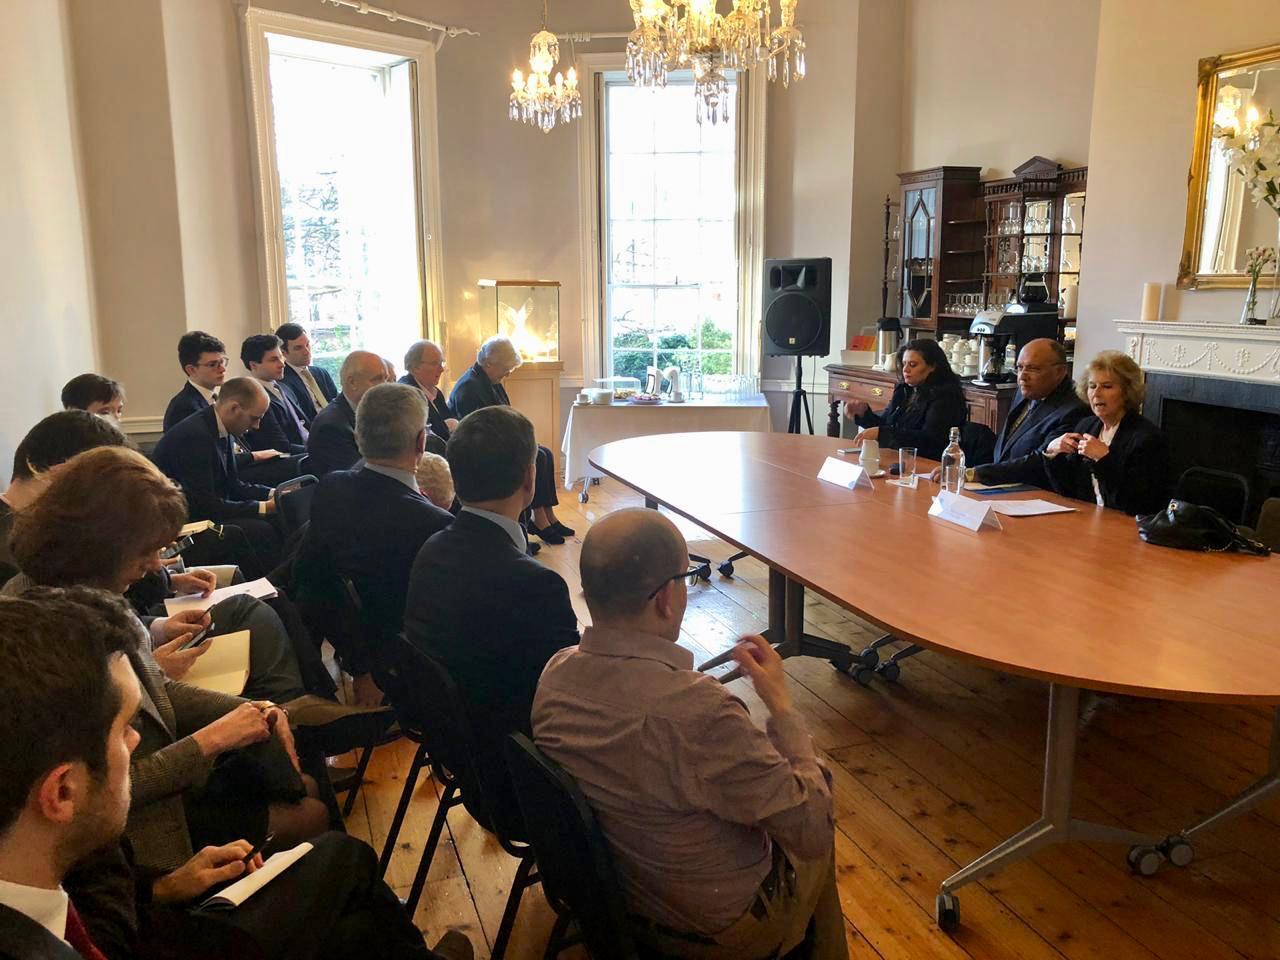 صور| سامح شكرى يعقد جلسة حوارية مع أعضاء معهد الشئون الدولية والأوروربية